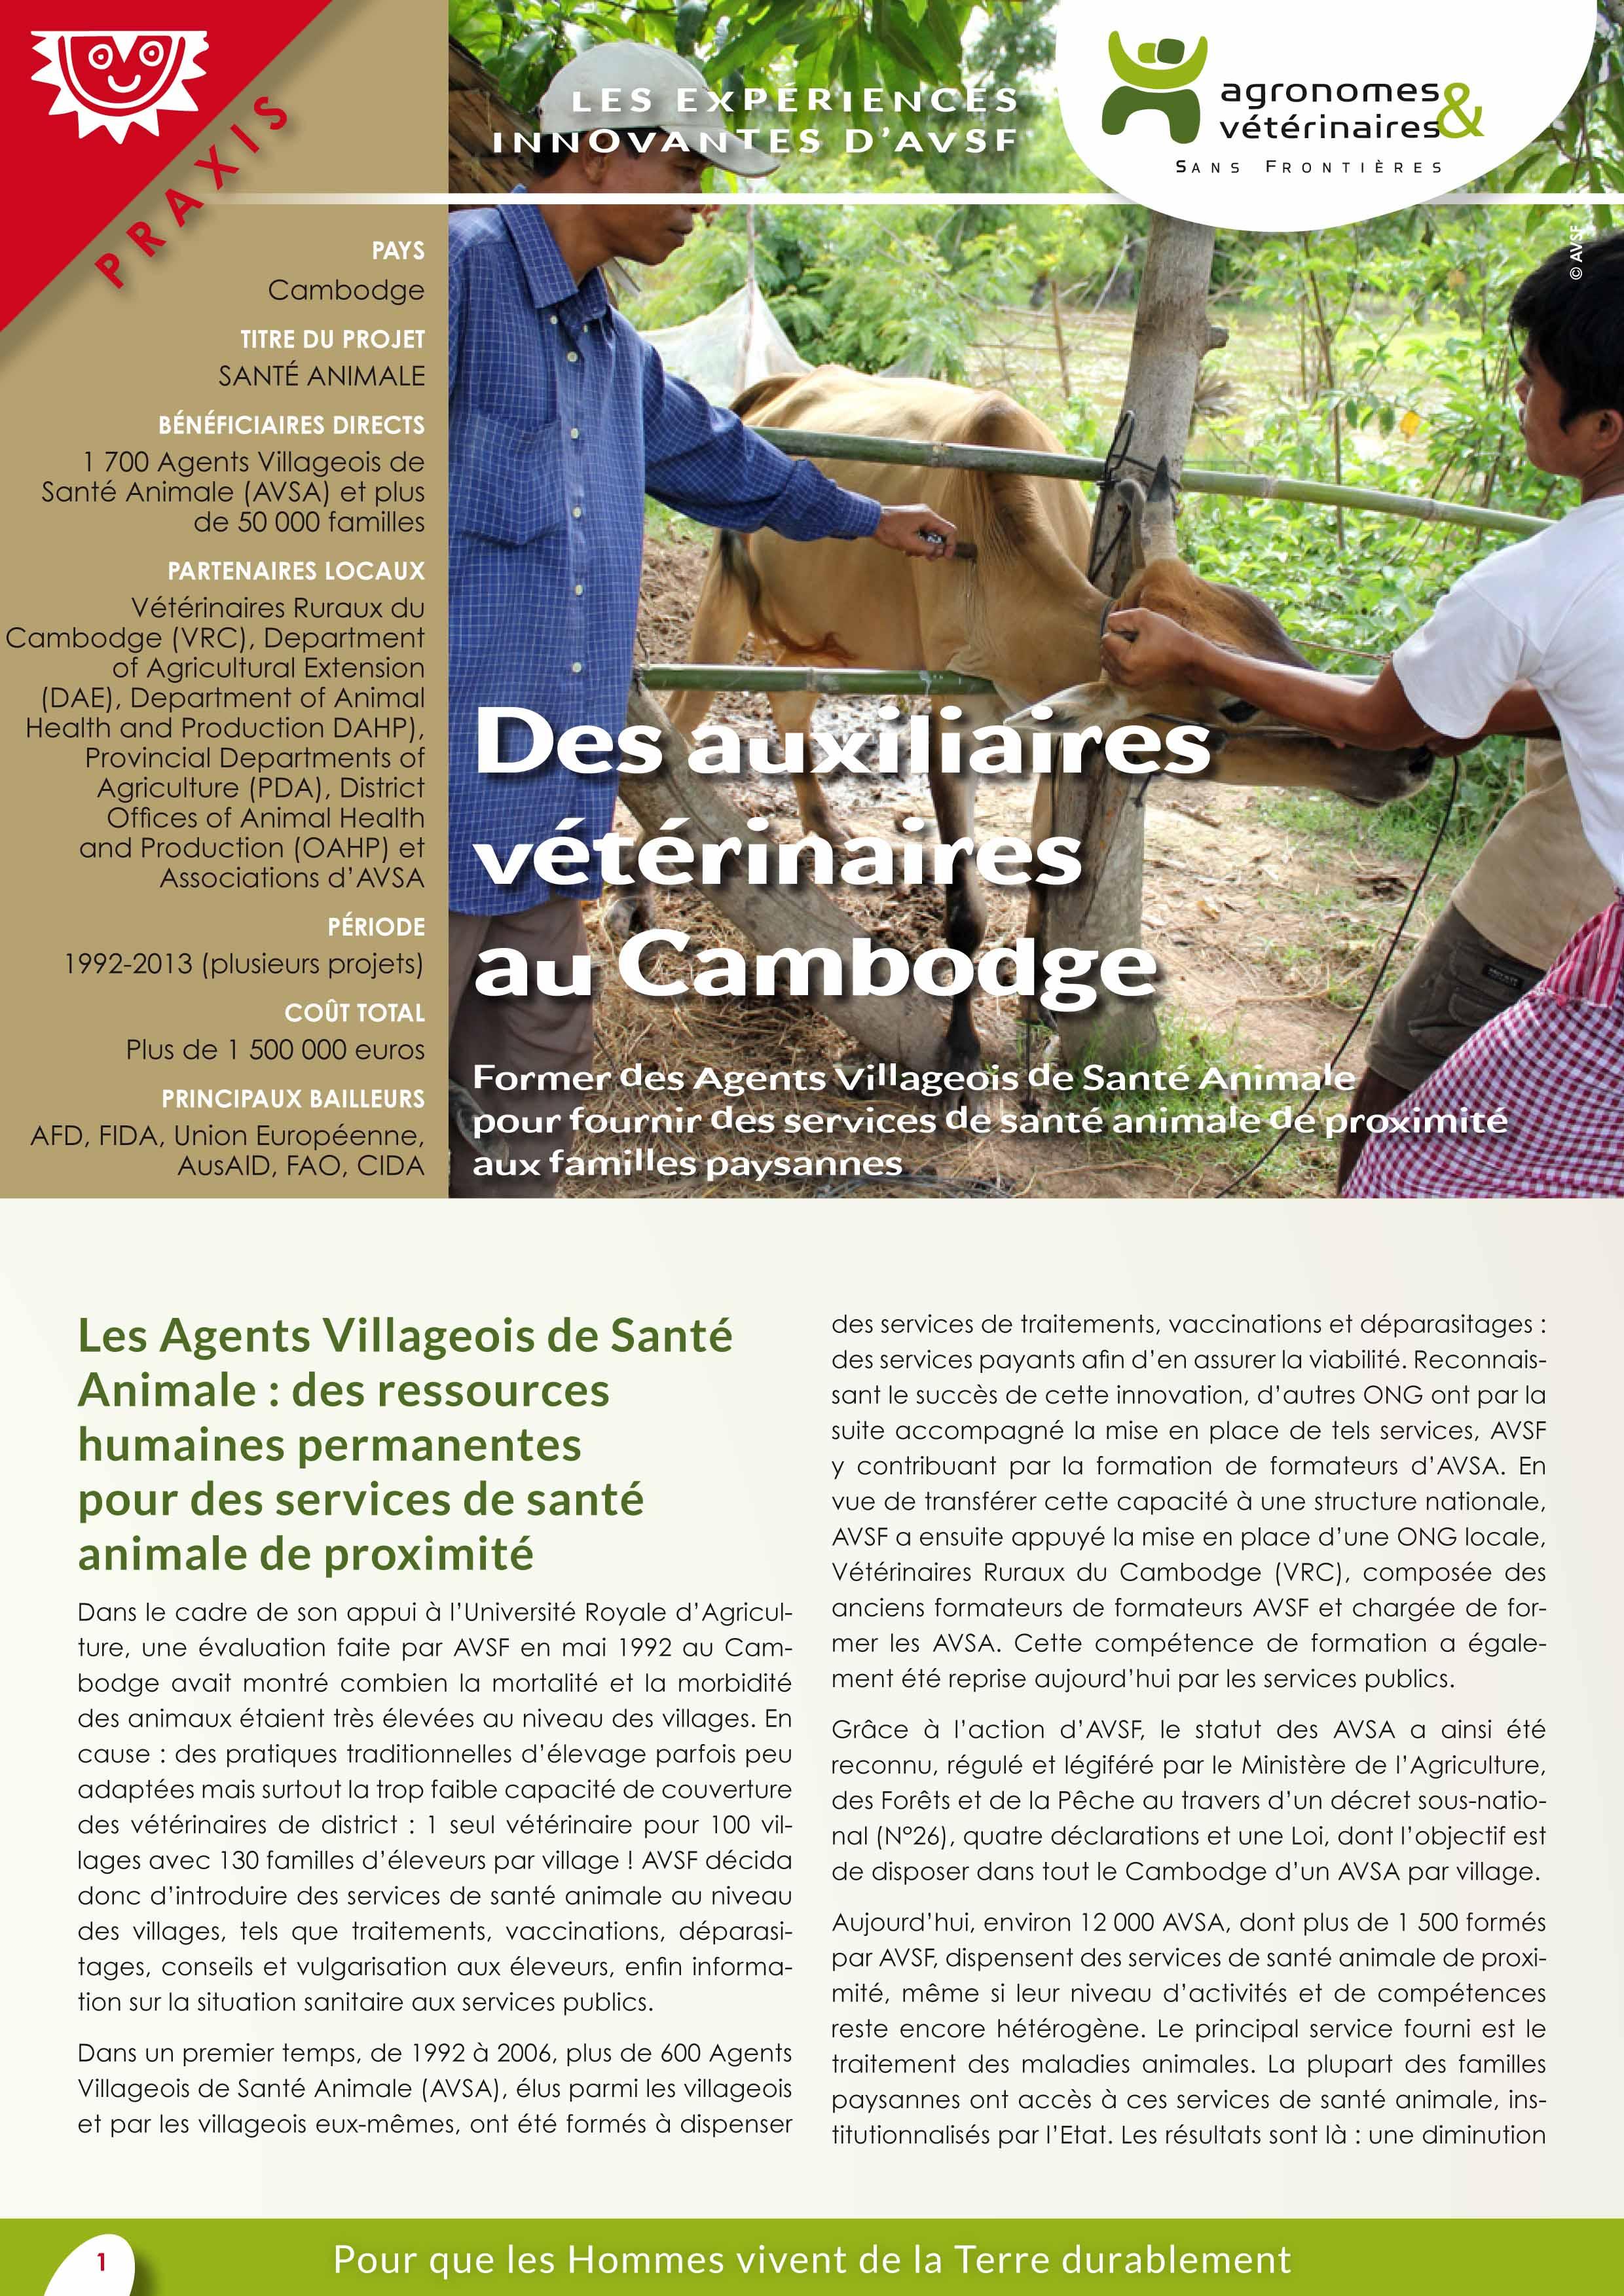 Les expériences innovantes d'AVSF : Des auxiliaires vétérinaires au Cambodge Image principale